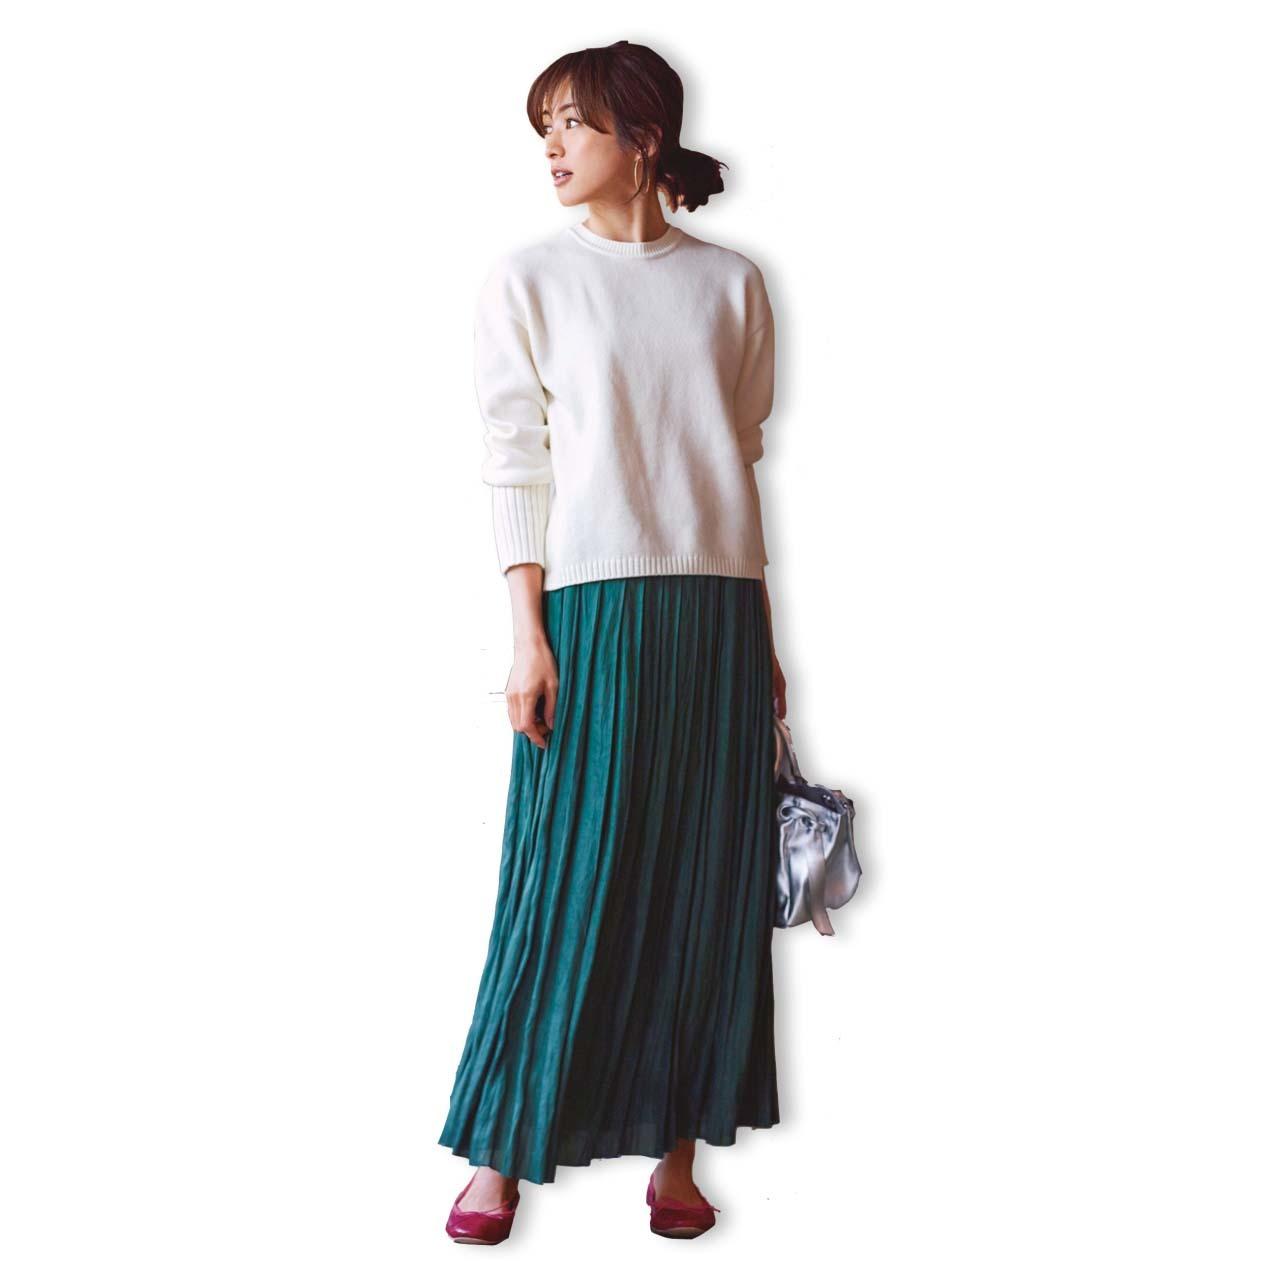 春こそ満喫!アラフォー向け着映えスカート6タイプ|40代レディースファッション_1_13